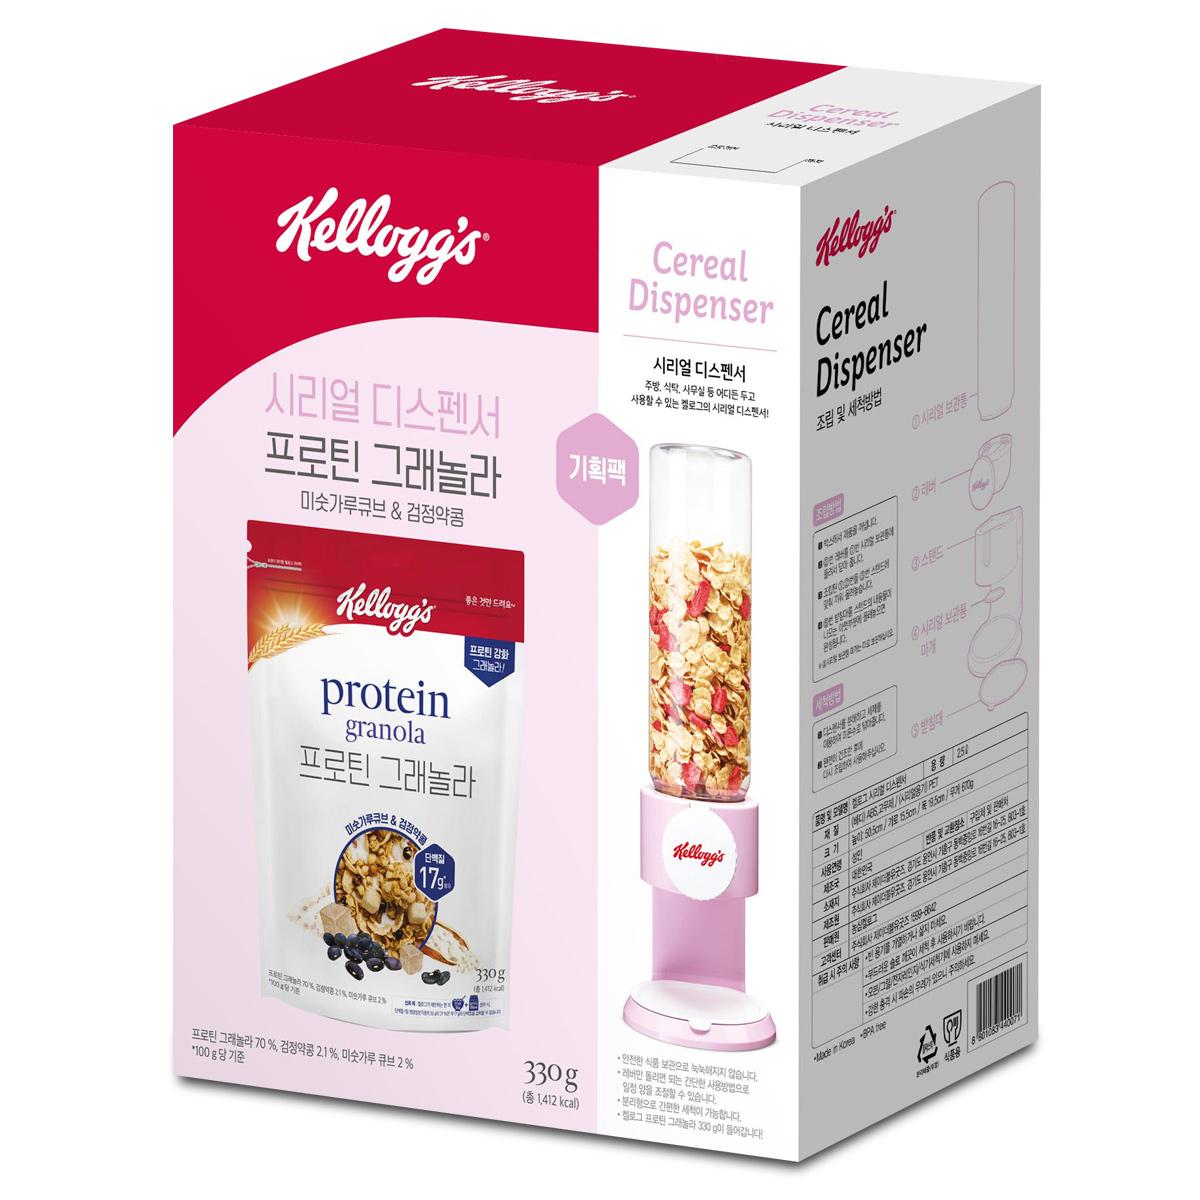 켈로그 시리얼 디스펜서 핑크 + 프로틴 그래놀라 미숫가루 큐브 앤 검정약콩 330g 세트, 1세트